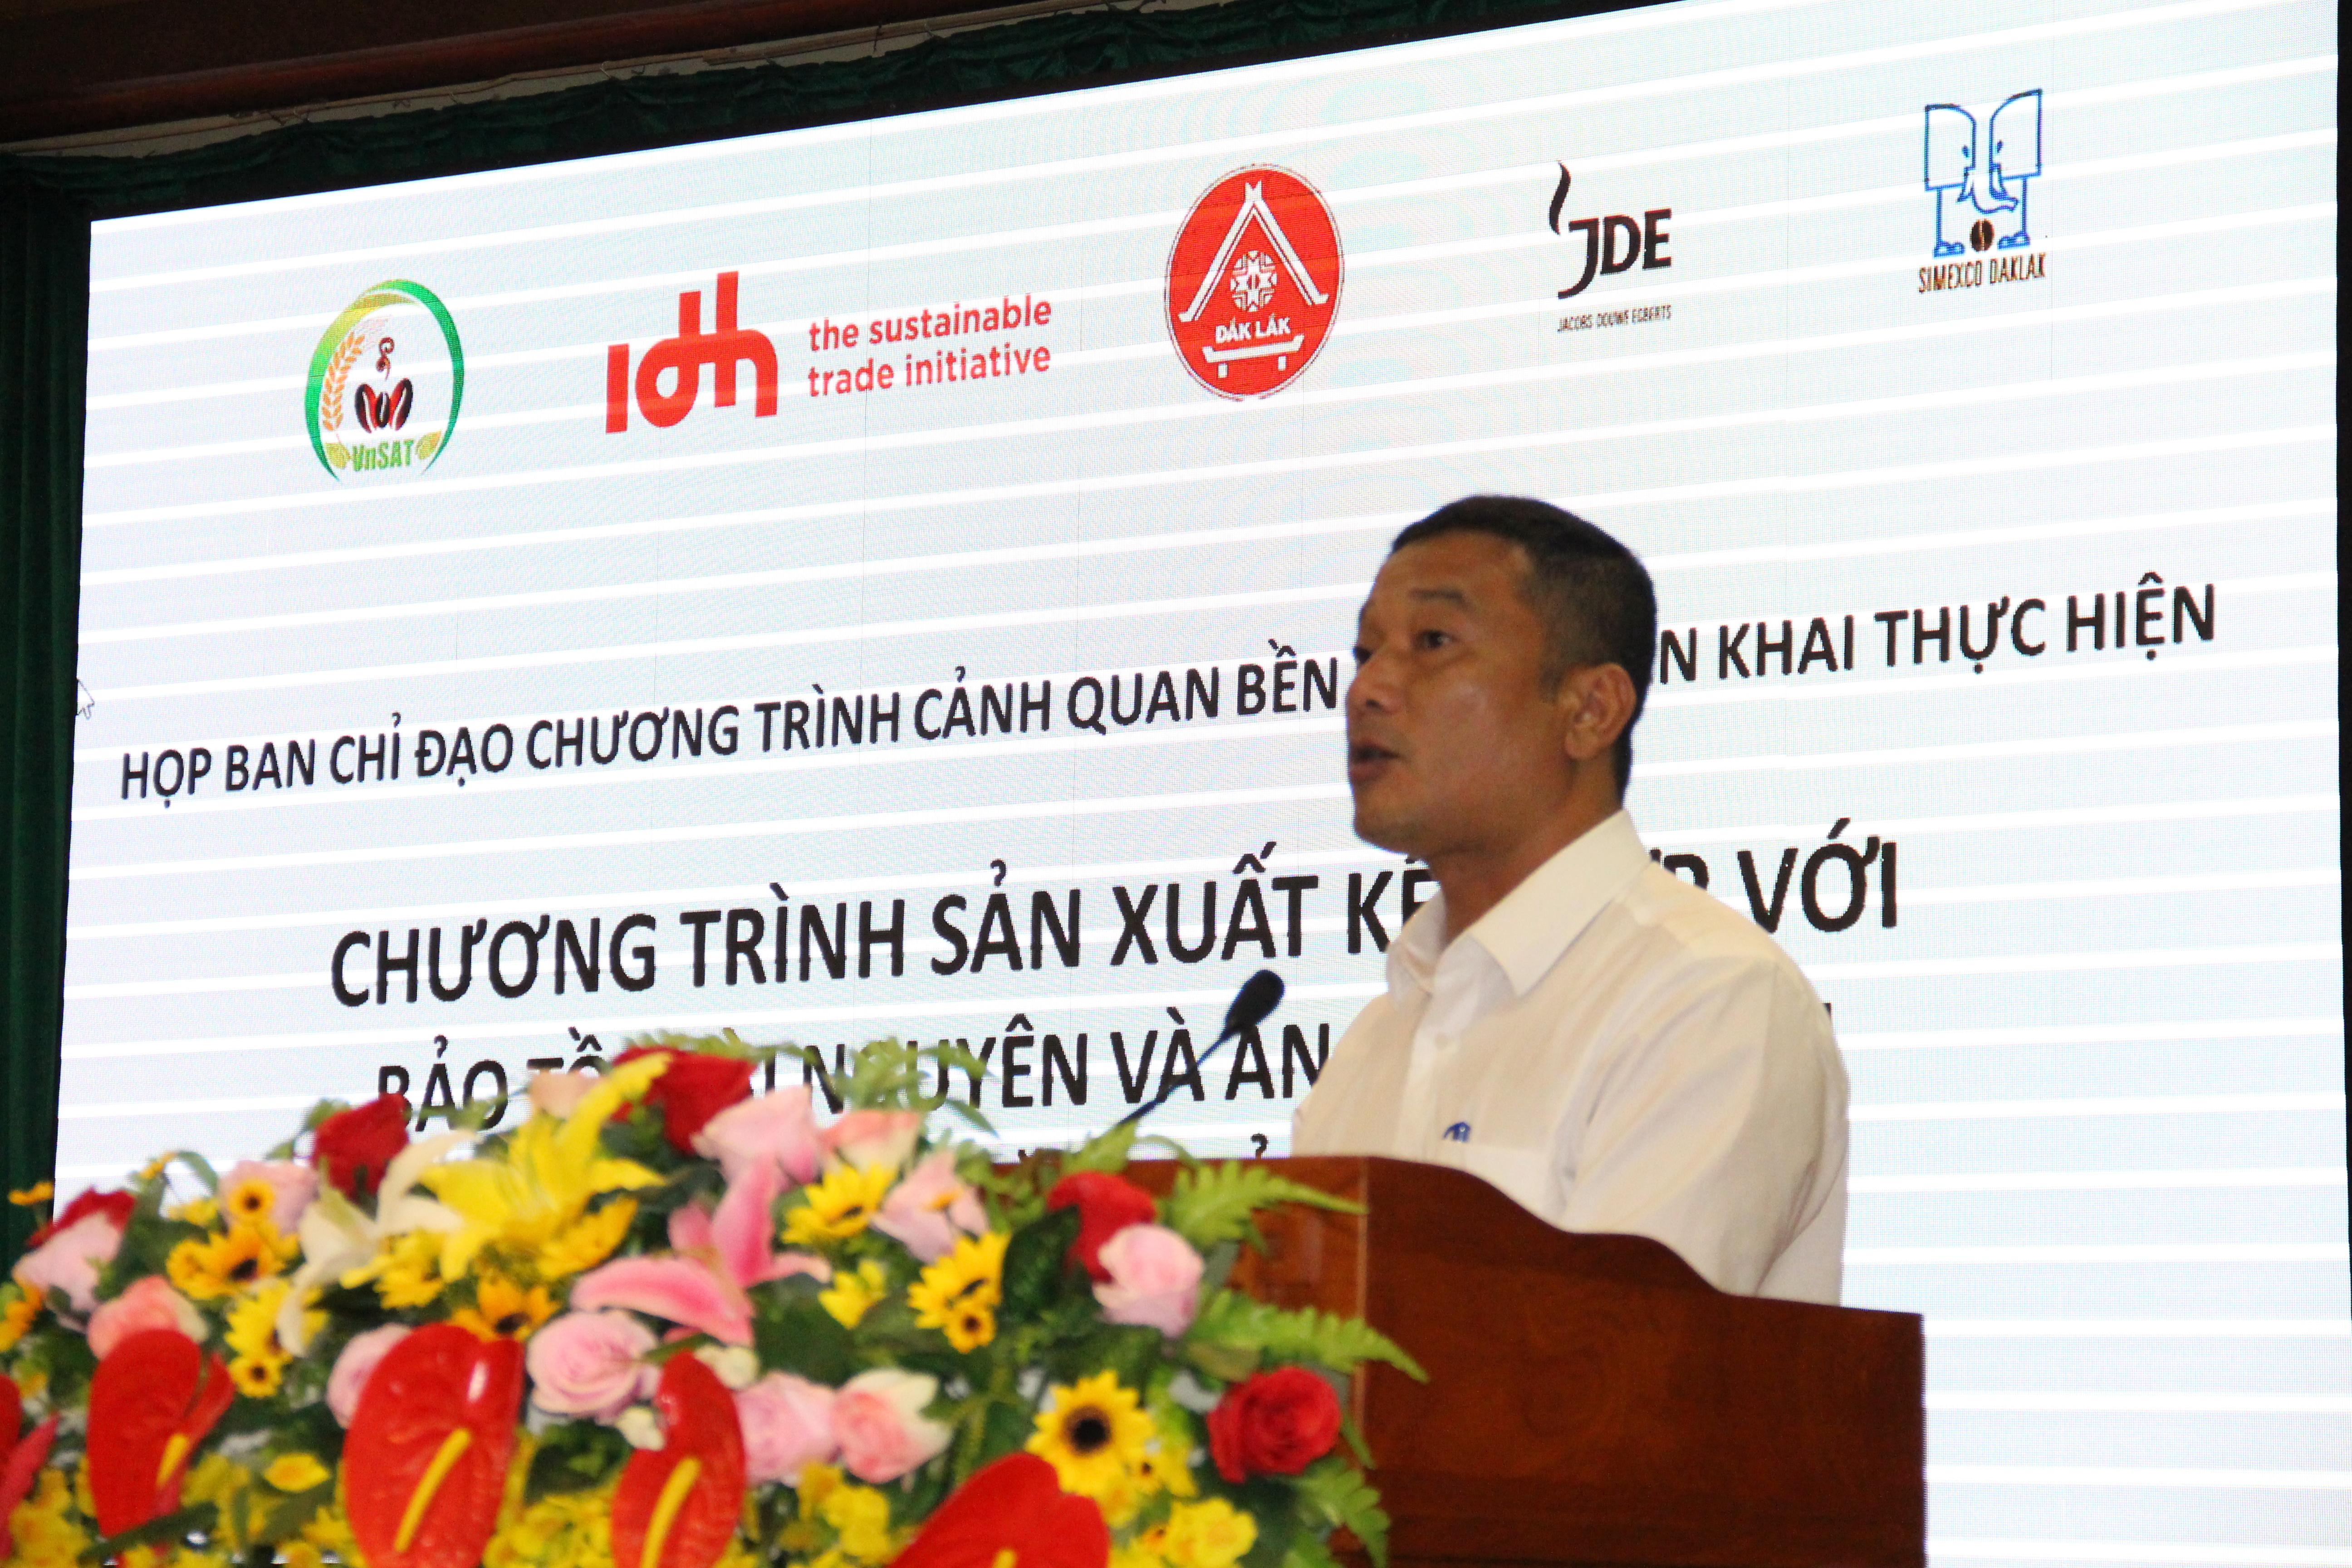 Khởi động Chương trình sản xuất kết hợp với bảo tồn tài nguyên và an sinh xã hội tại huyện Krông Năng